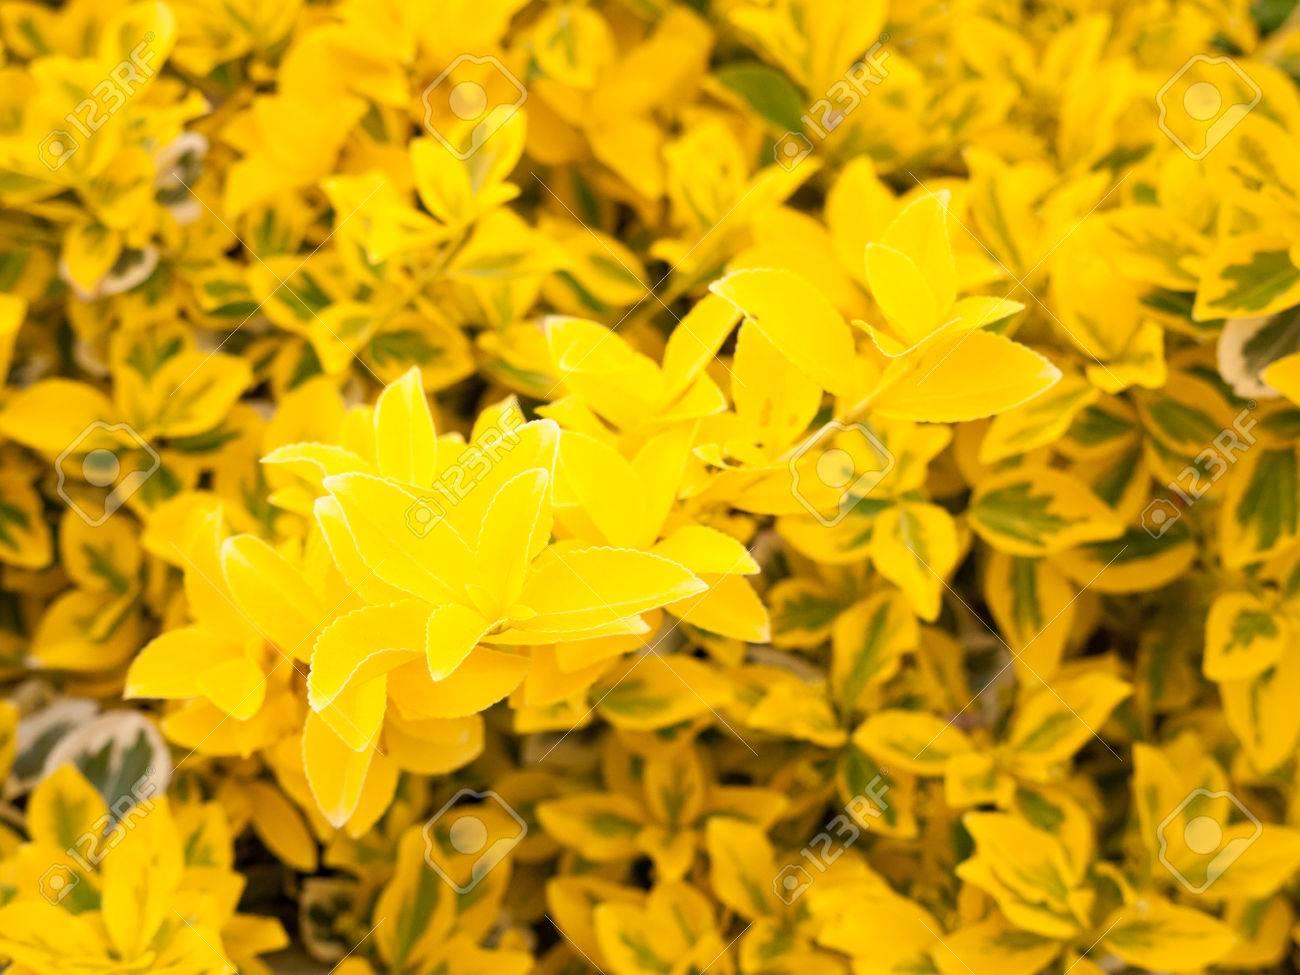 Lovely Yellow Flower Bush Shrub In The Golden Sunlight And Shine